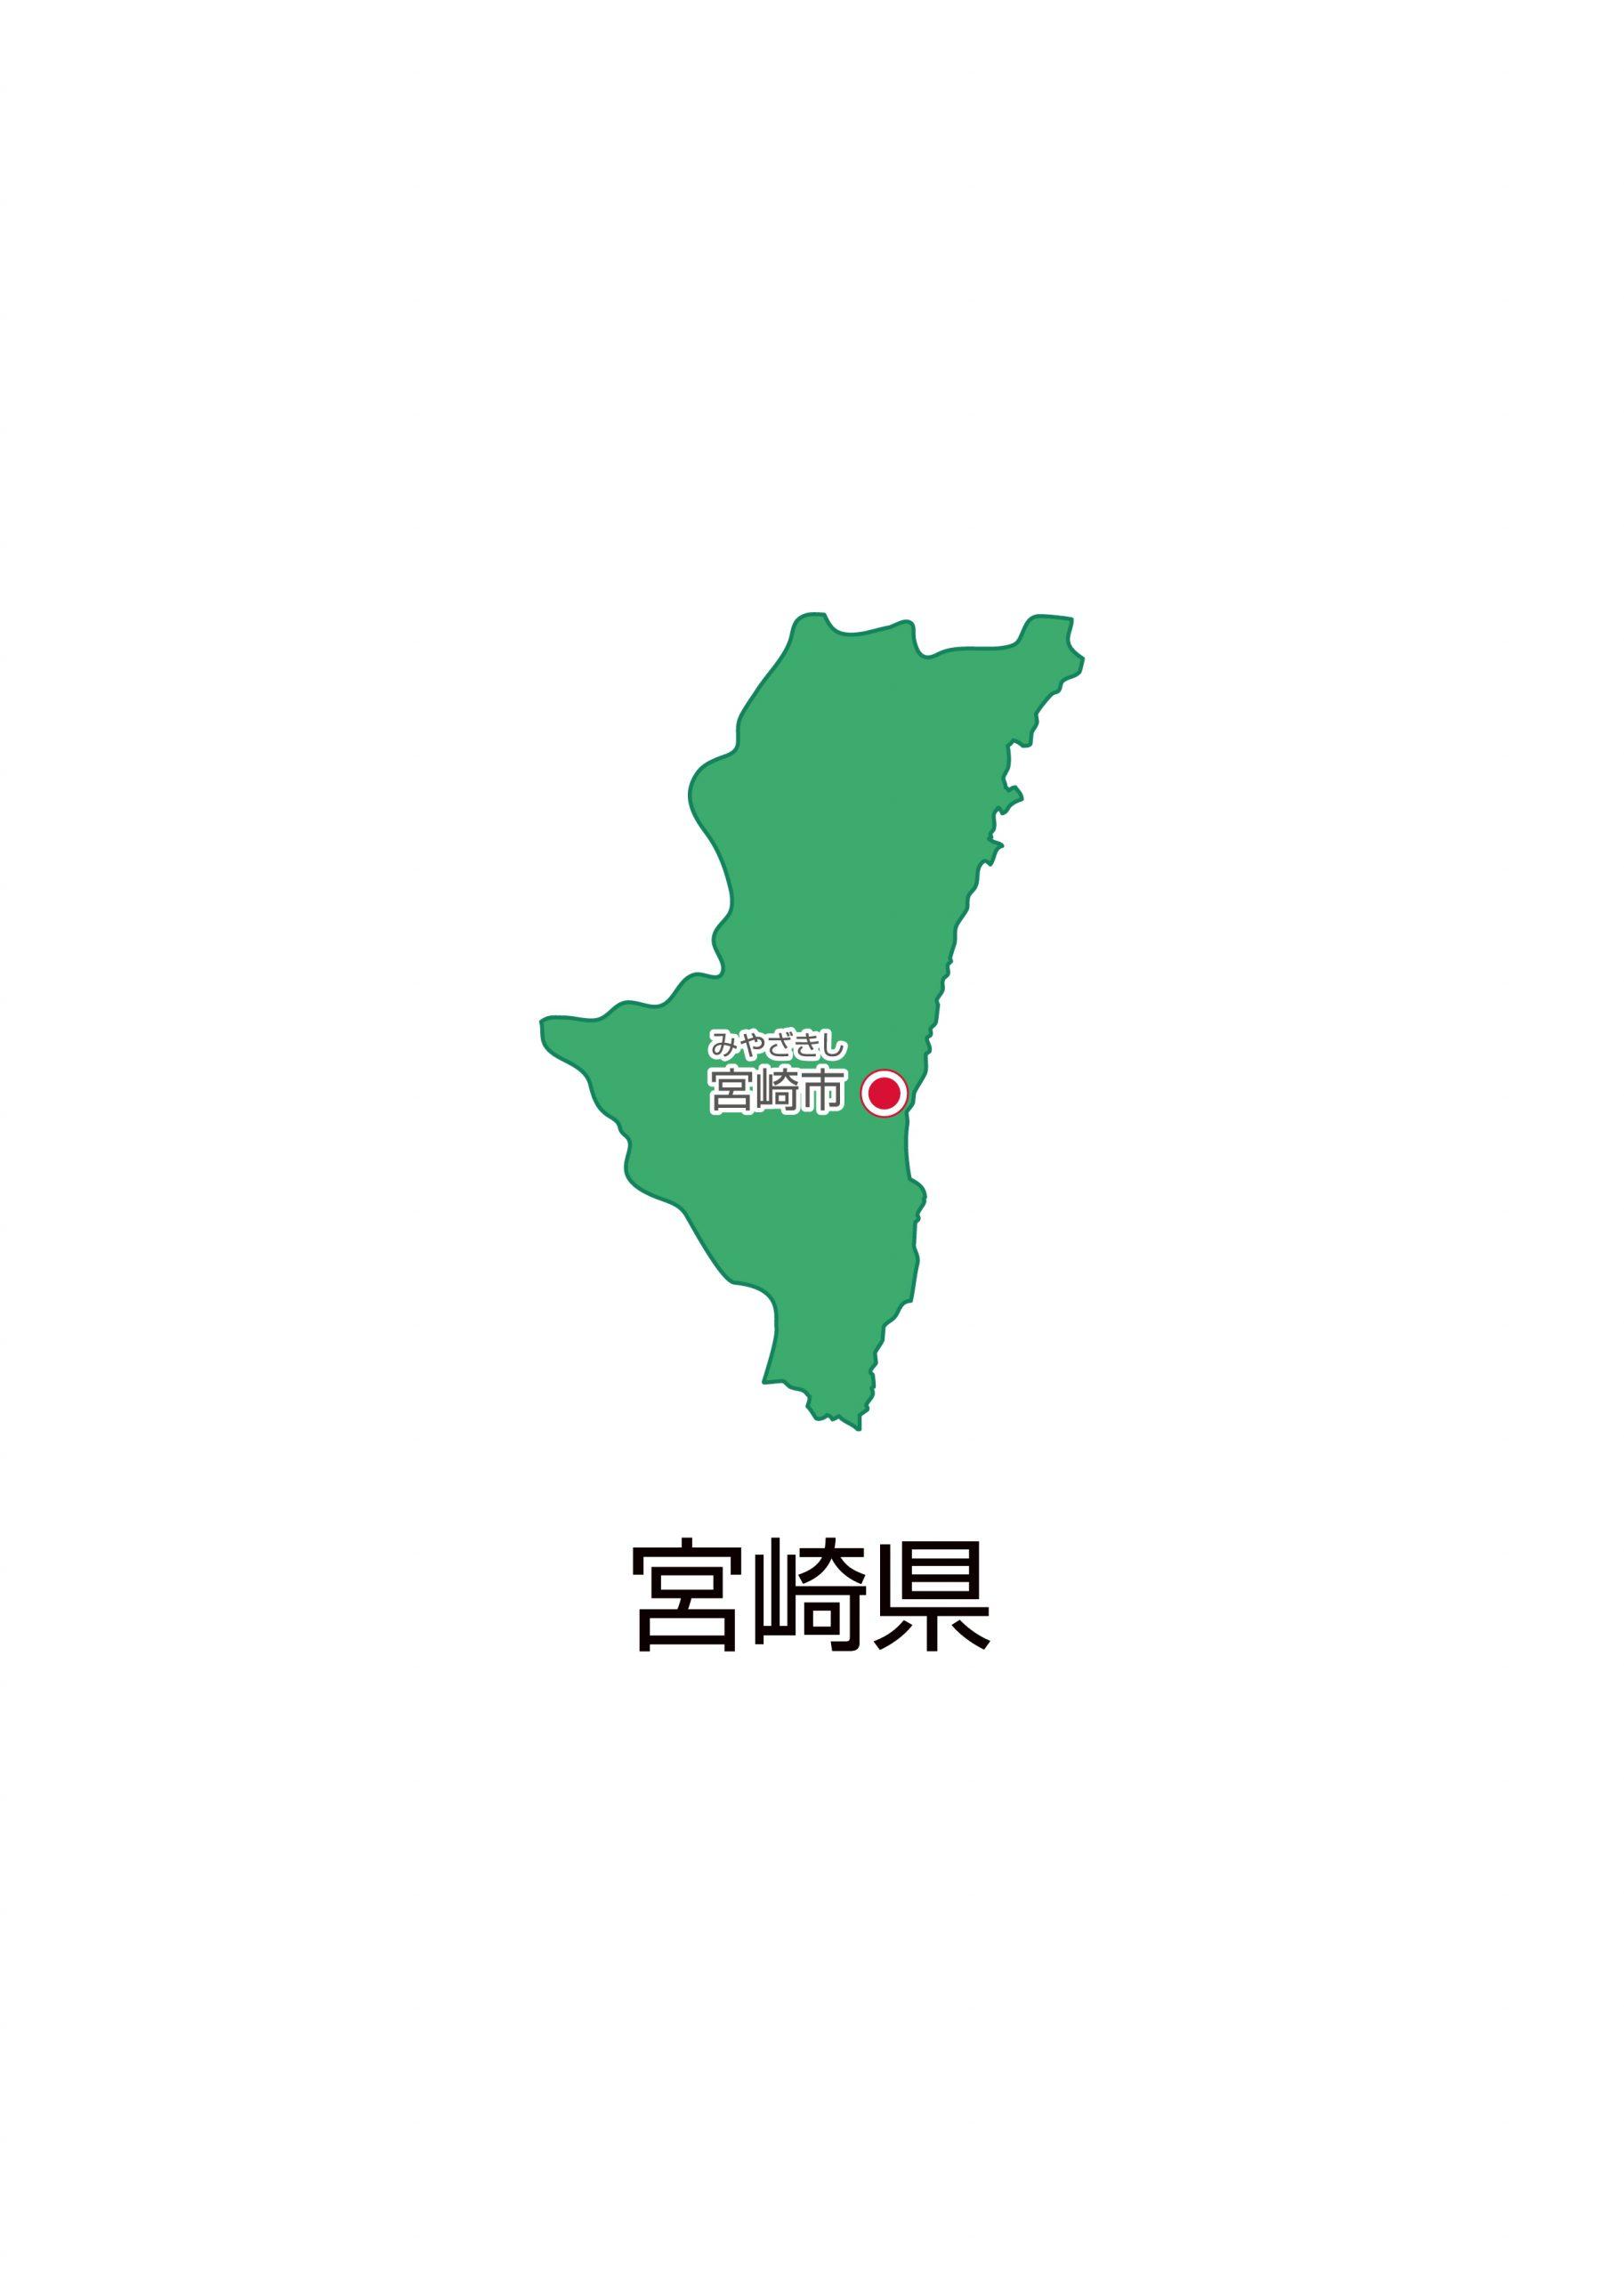 宮崎県無料フリーイラスト|日本語・県庁所在地あり・ルビあり(緑)